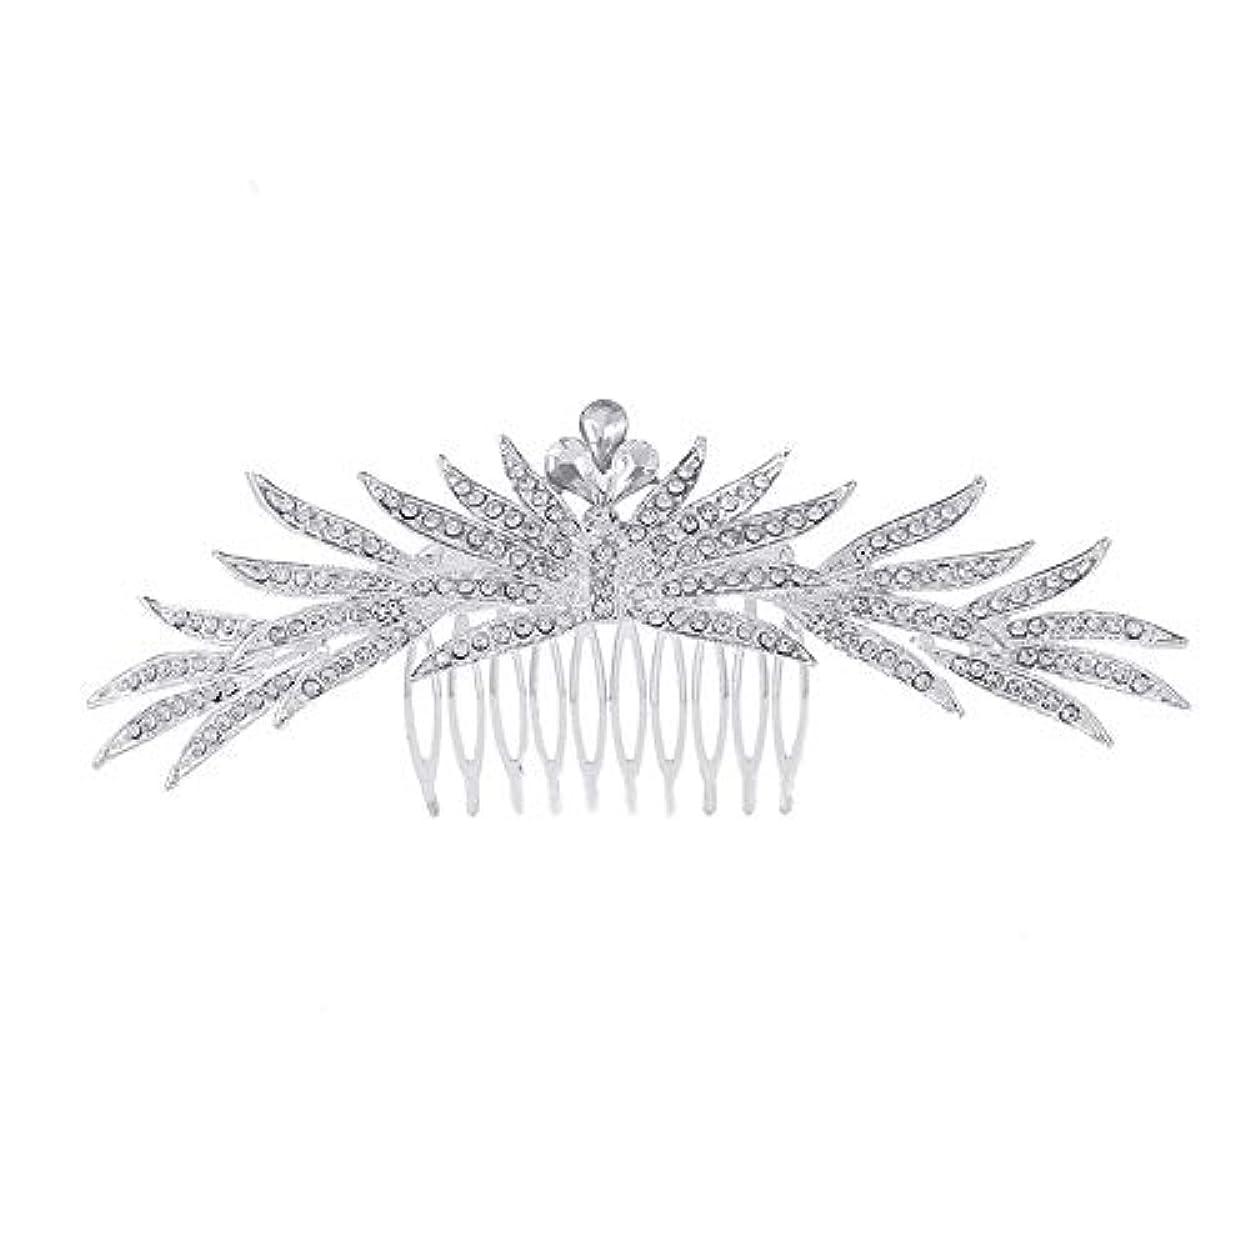 軽蔑振動させるバック髪の櫛の櫛の櫛花嫁の髪の櫛ラインストーンの櫛亜鉛合金ブライダルヘッドドレス結婚式のアクセサリー挿入櫛